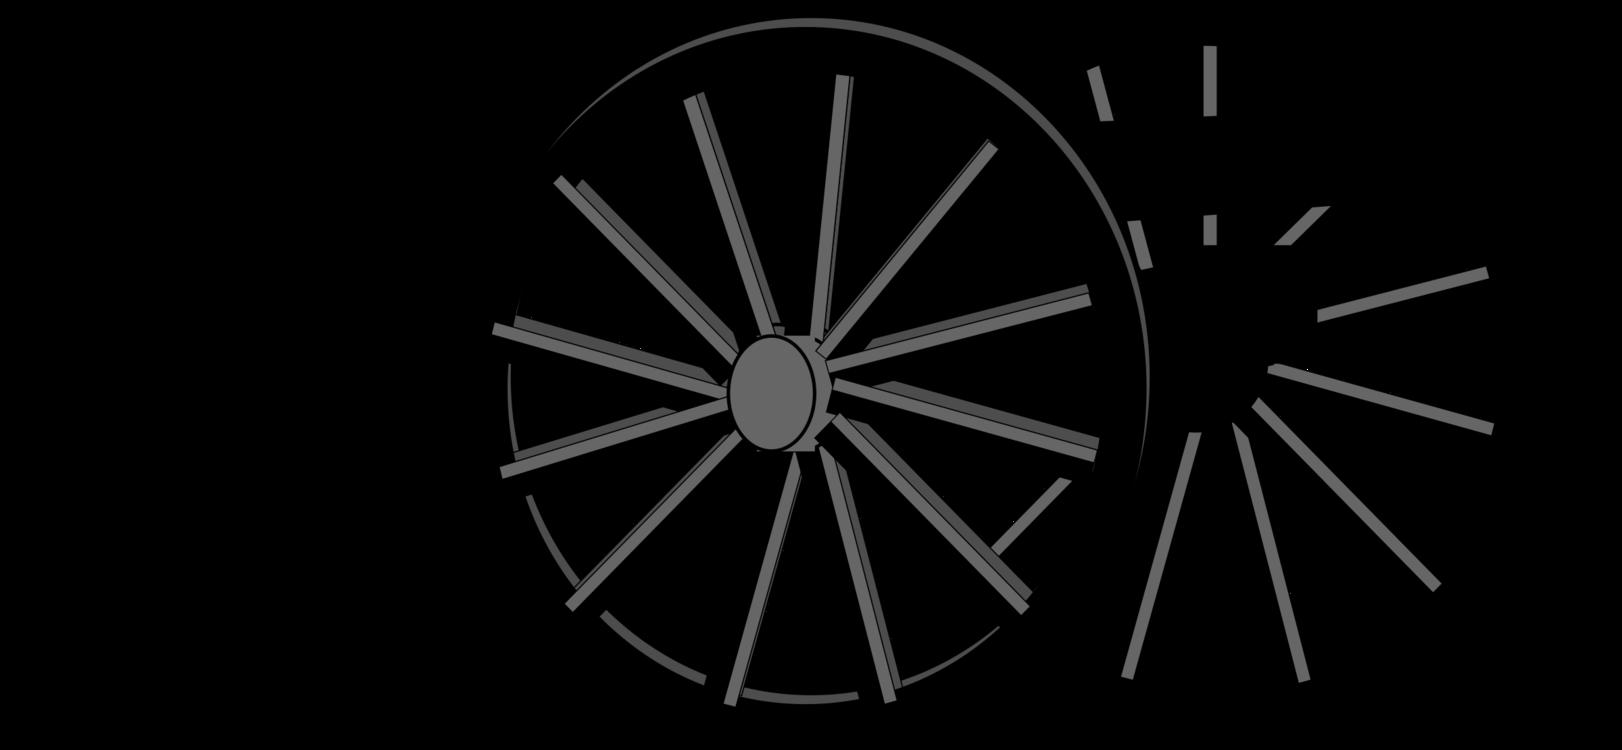 Wheel,Angle,Spoke